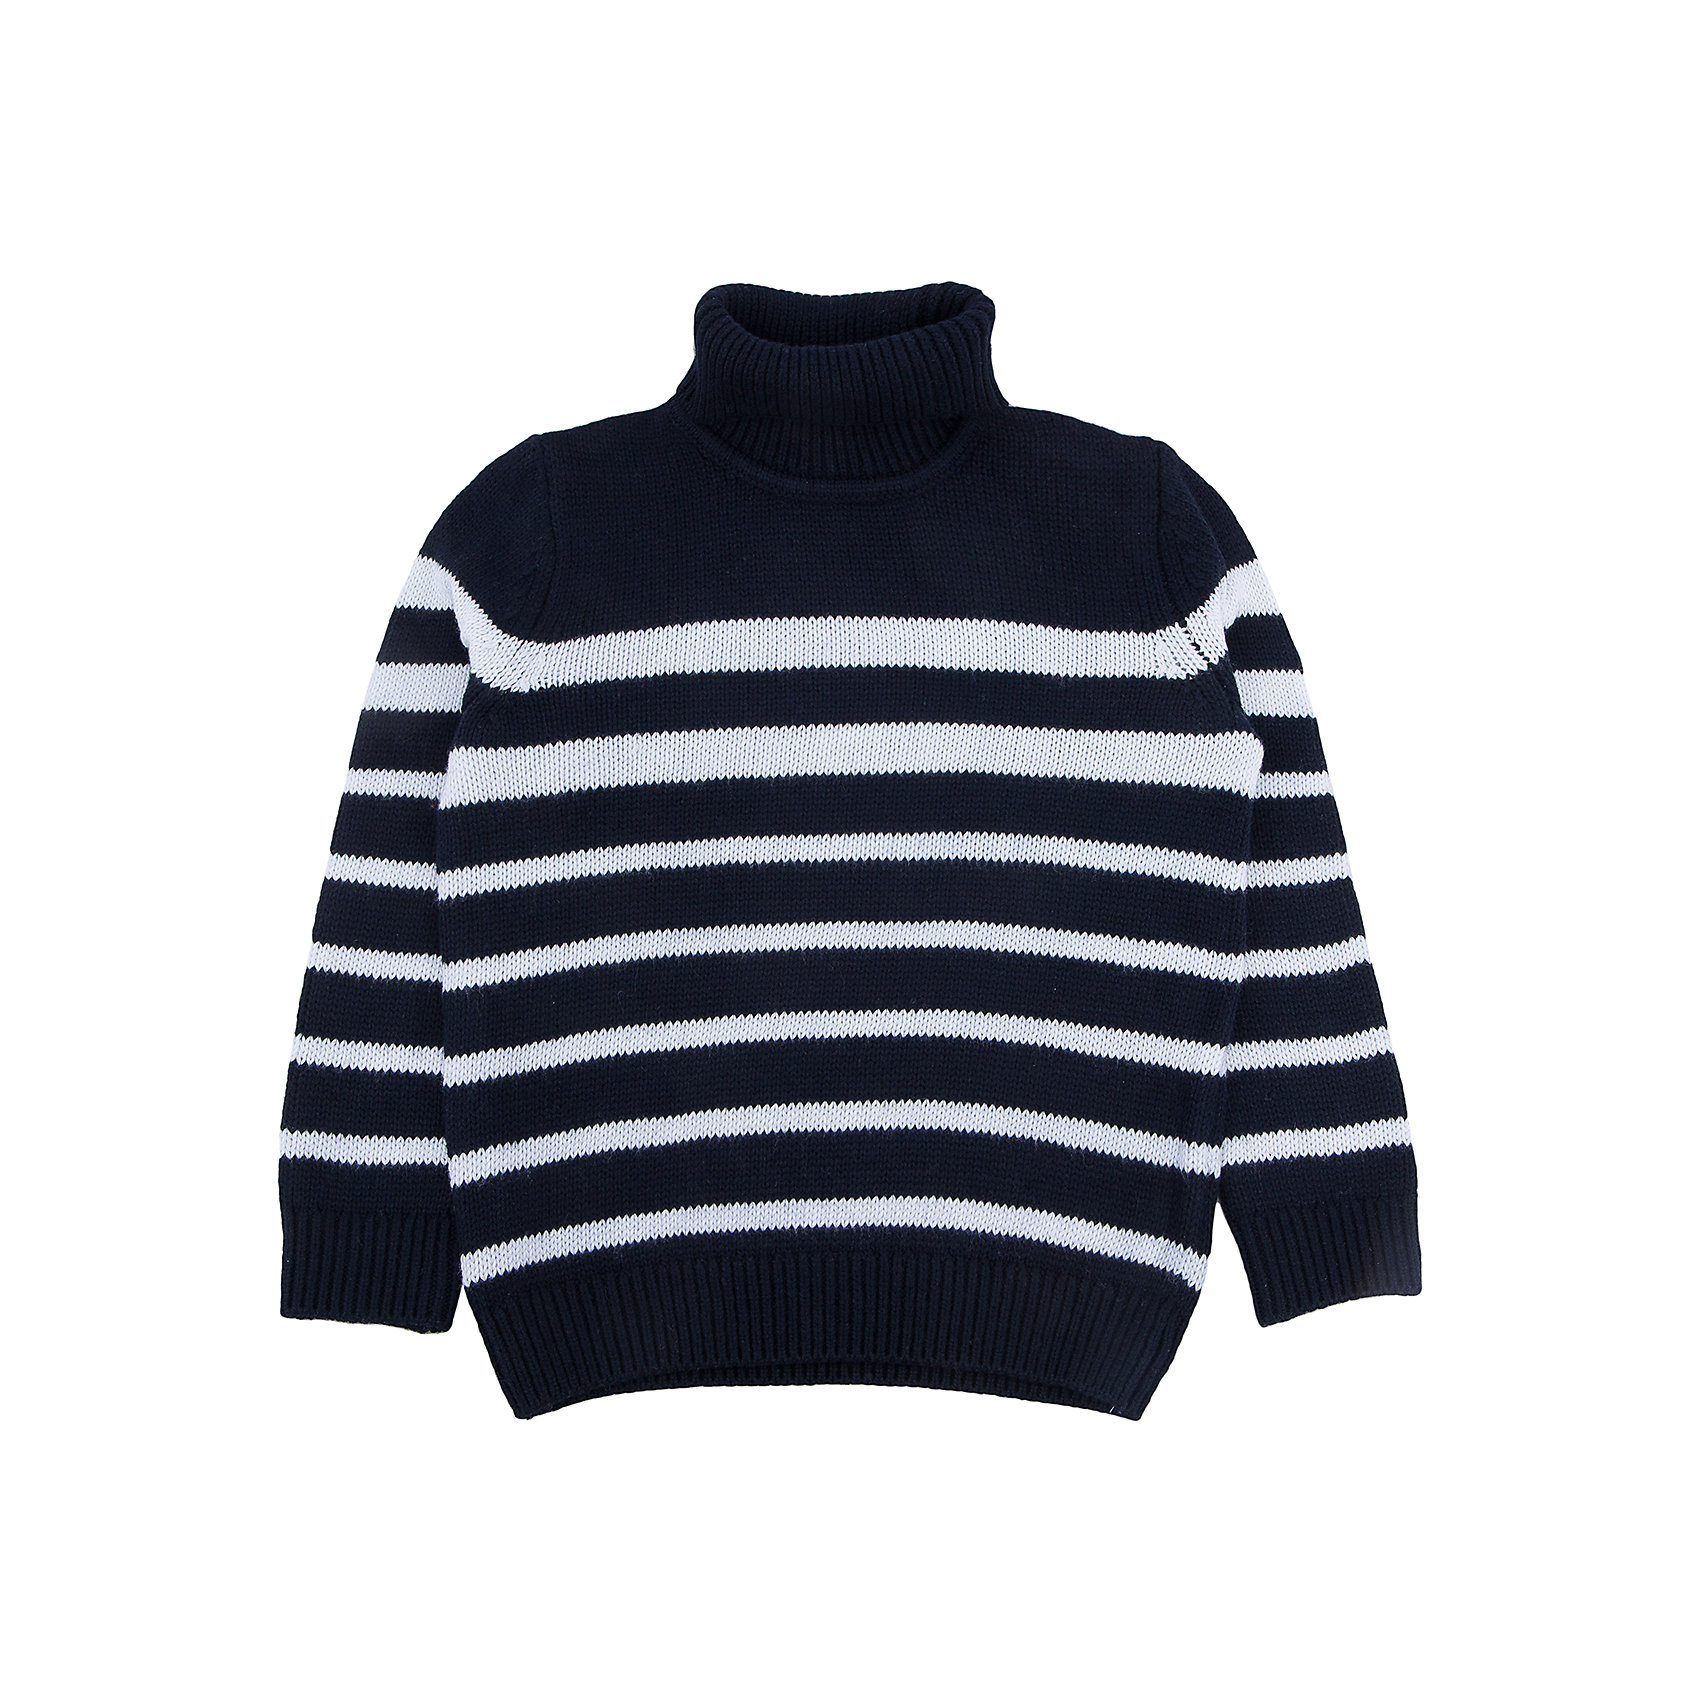 Свитер для мальчика SELAСвитера и кардиганы<br>Теплый свитер - незаменимая вещь в прохладное время года. Эта модель отлично сидит на ребенке, она сделана из приятного на ощупь материала, мягкая и дышащая. Натуральный хлопок в составе ткани не вызывает аллергии и обеспечивает ребенку комфорт. Модель станет отличной базовой вещью, которая будет уместна в различных сочетаниях.<br>Одежда от бренда Sela (Села) - это качество по приемлемым ценам. Многие российские родители уже оценили преимущества продукции этой компании и всё чаще приобретают одежду и аксессуары Sela.<br><br>Дополнительная информация:<br><br>материал: 60% хлопок, 30% нейлон, 10% шерсть;<br>длинный рукав;<br>украшен узором.<br><br>Свитер для мальчика от бренда Sela можно купить в нашем интернет-магазине.<br><br>Ширина мм: 190<br>Глубина мм: 74<br>Высота мм: 229<br>Вес г: 236<br>Цвет: синий<br>Возраст от месяцев: 60<br>Возраст до месяцев: 72<br>Пол: Мужской<br>Возраст: Детский<br>Размер: 116,92,98,104,110<br>SKU: 5008019